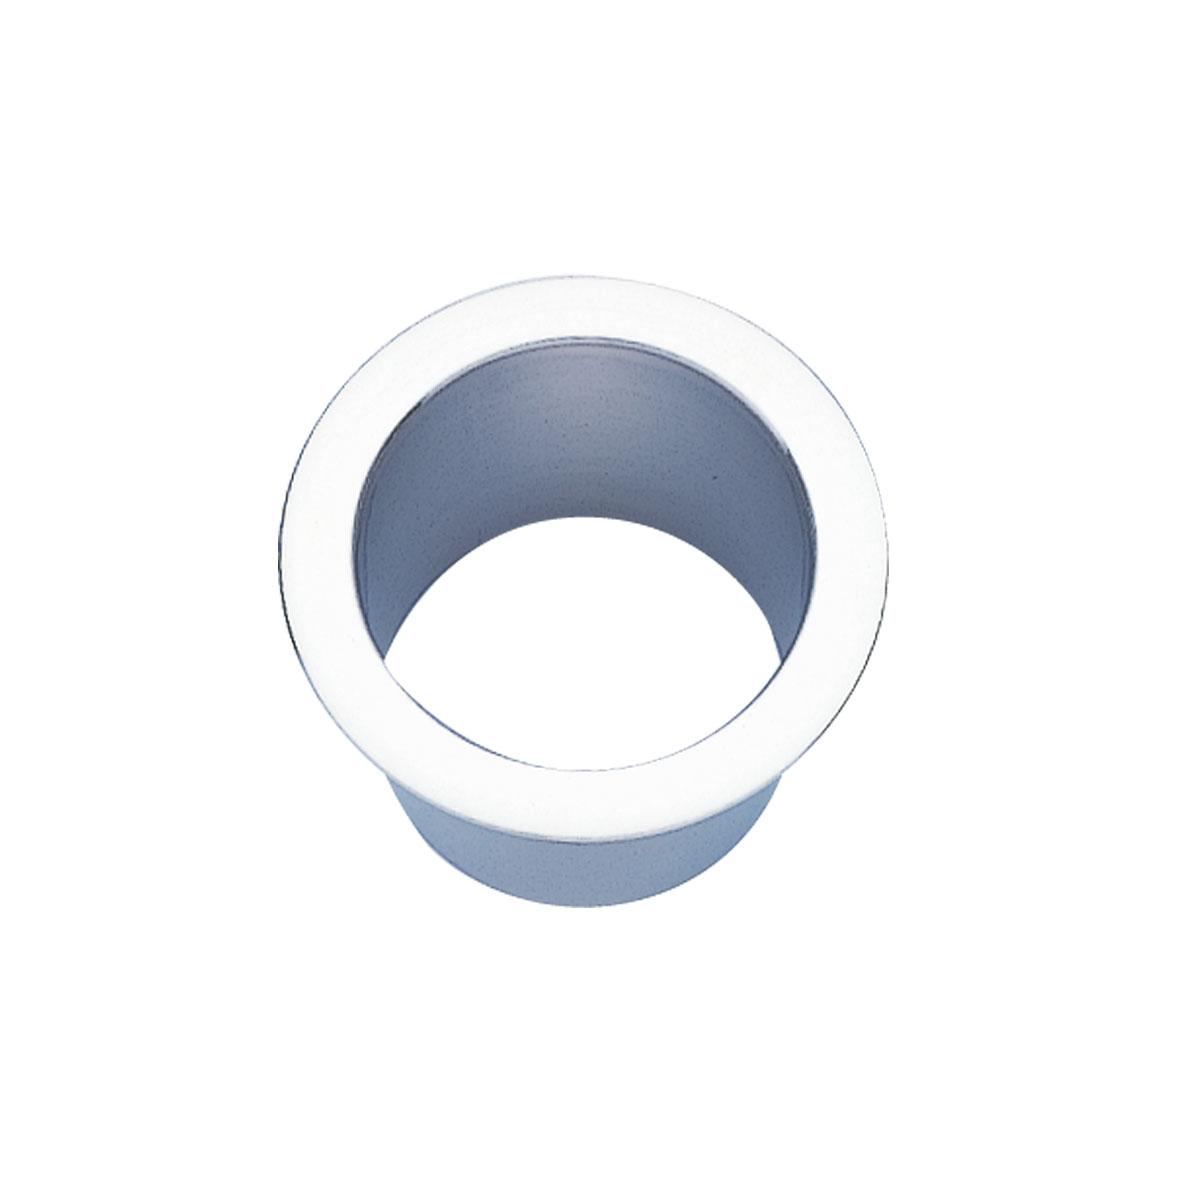 リラインス アクセサリー【R1014】カウンタートップクズ投入口(フタなし)